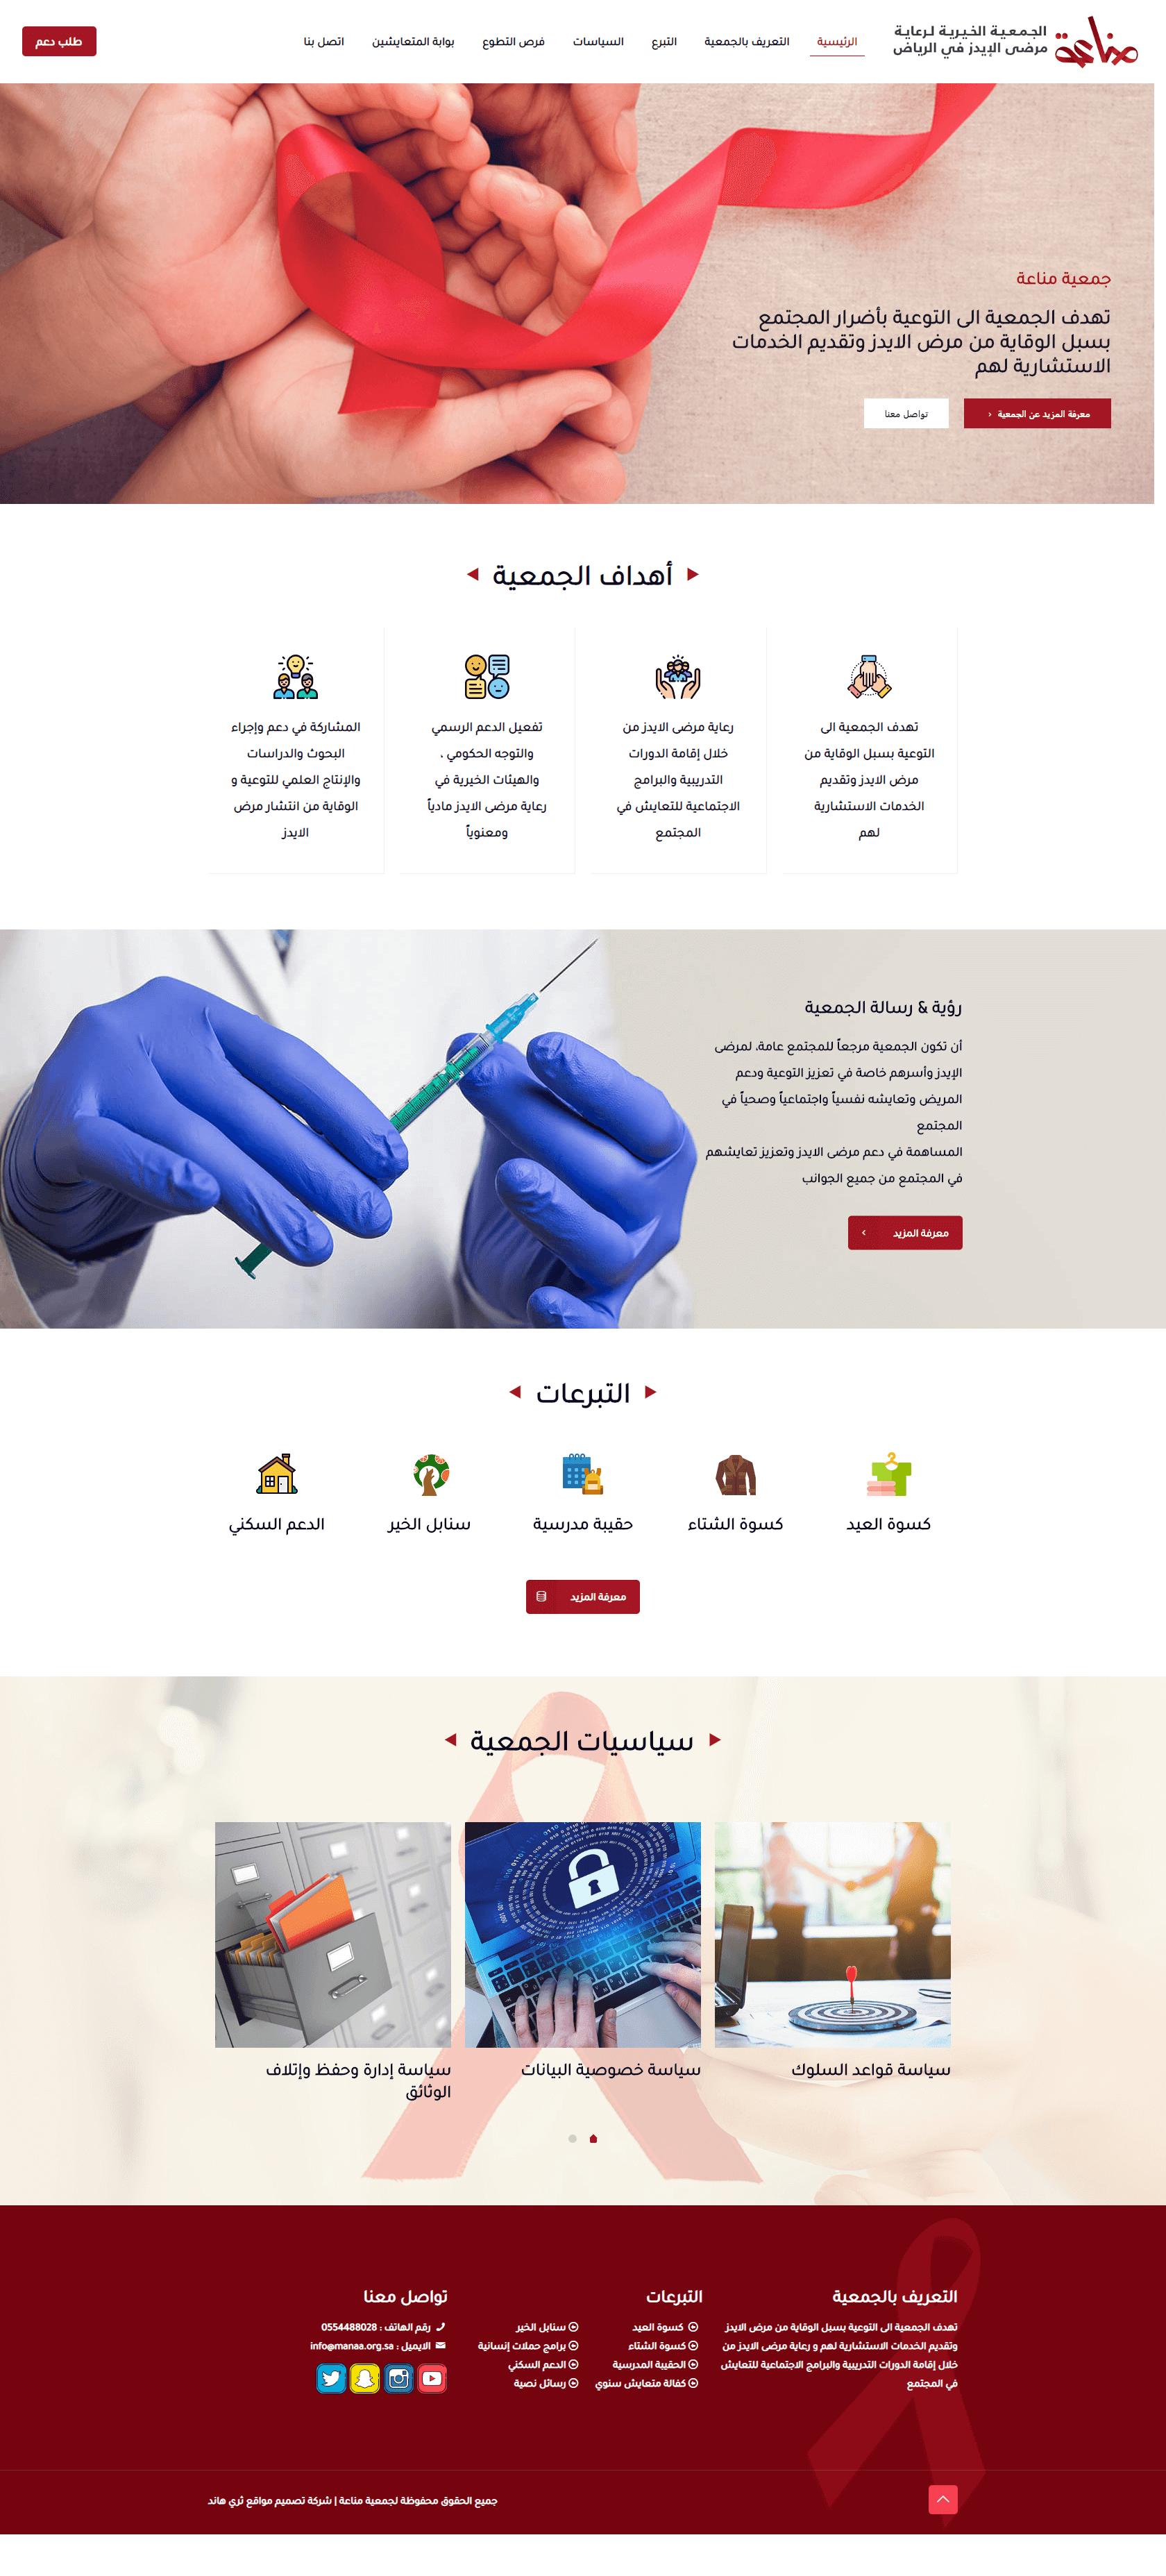 جمعية-مناعة-–-الجمعية-الخيرية-للوقاية-من-مرض-الإيدز-فى-الرياض-2-1